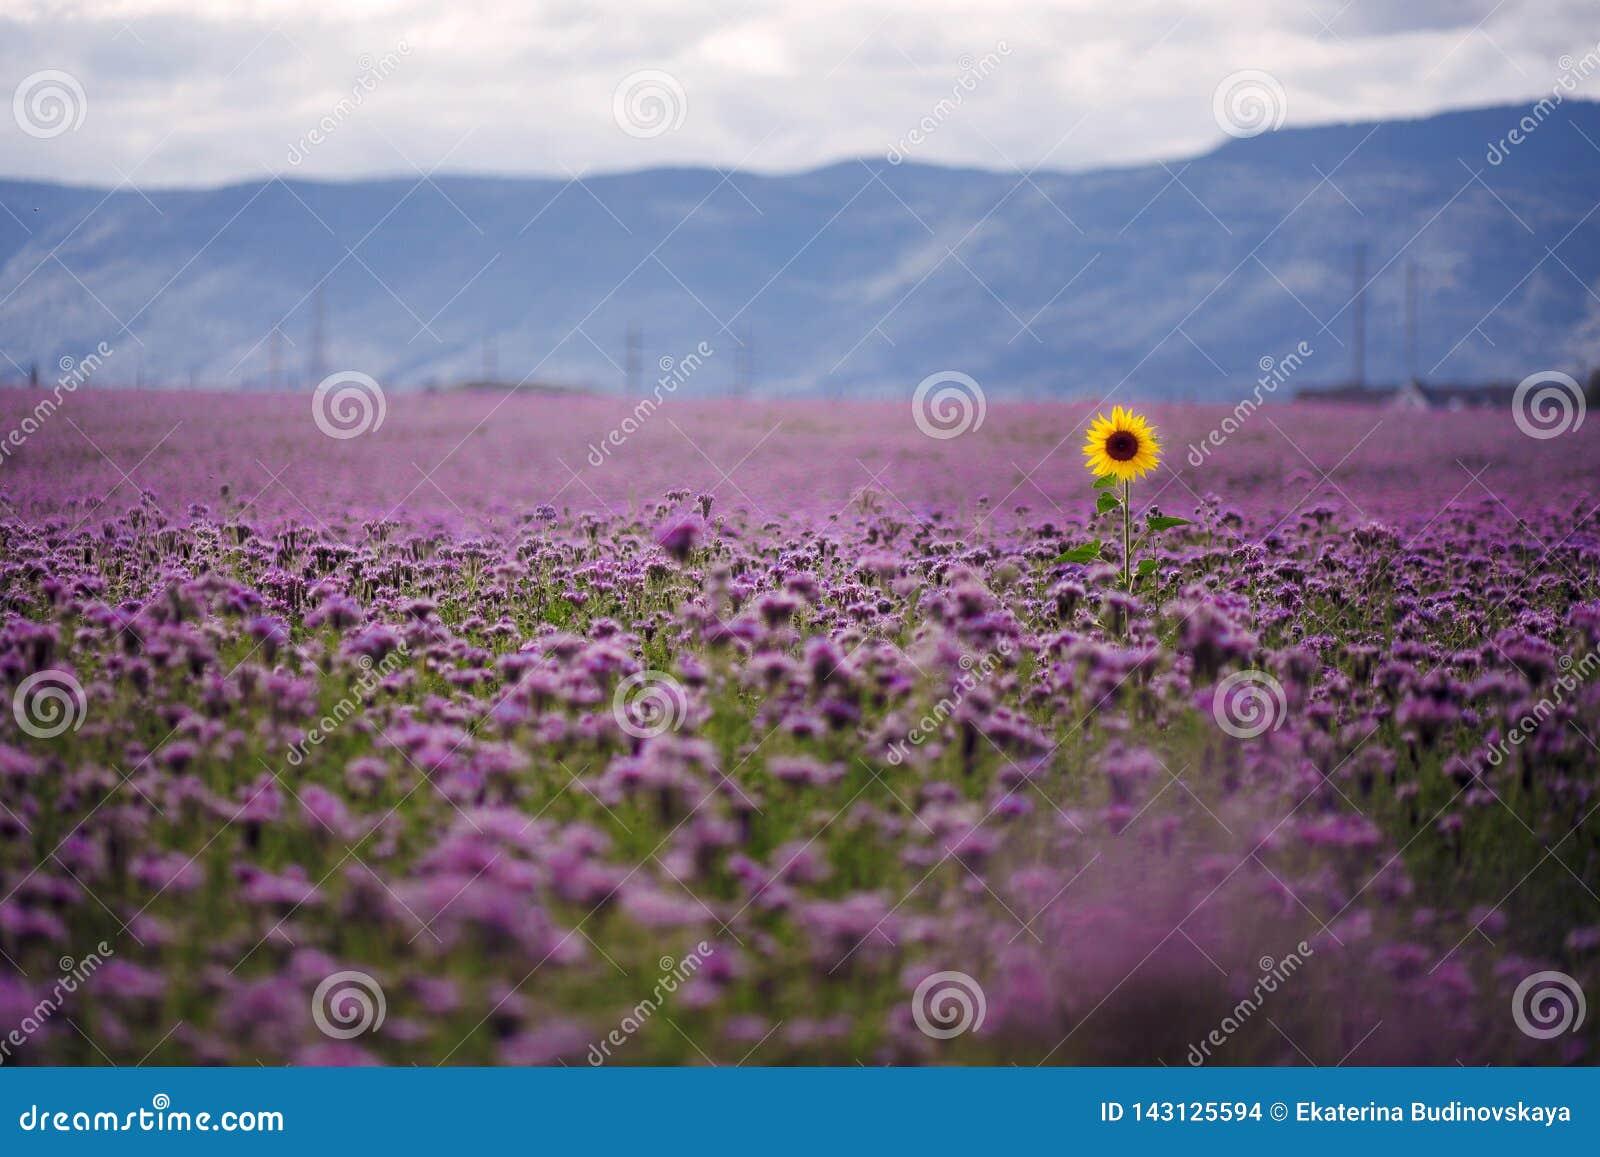 Einsame Sonnenblume auf dem Gebiet